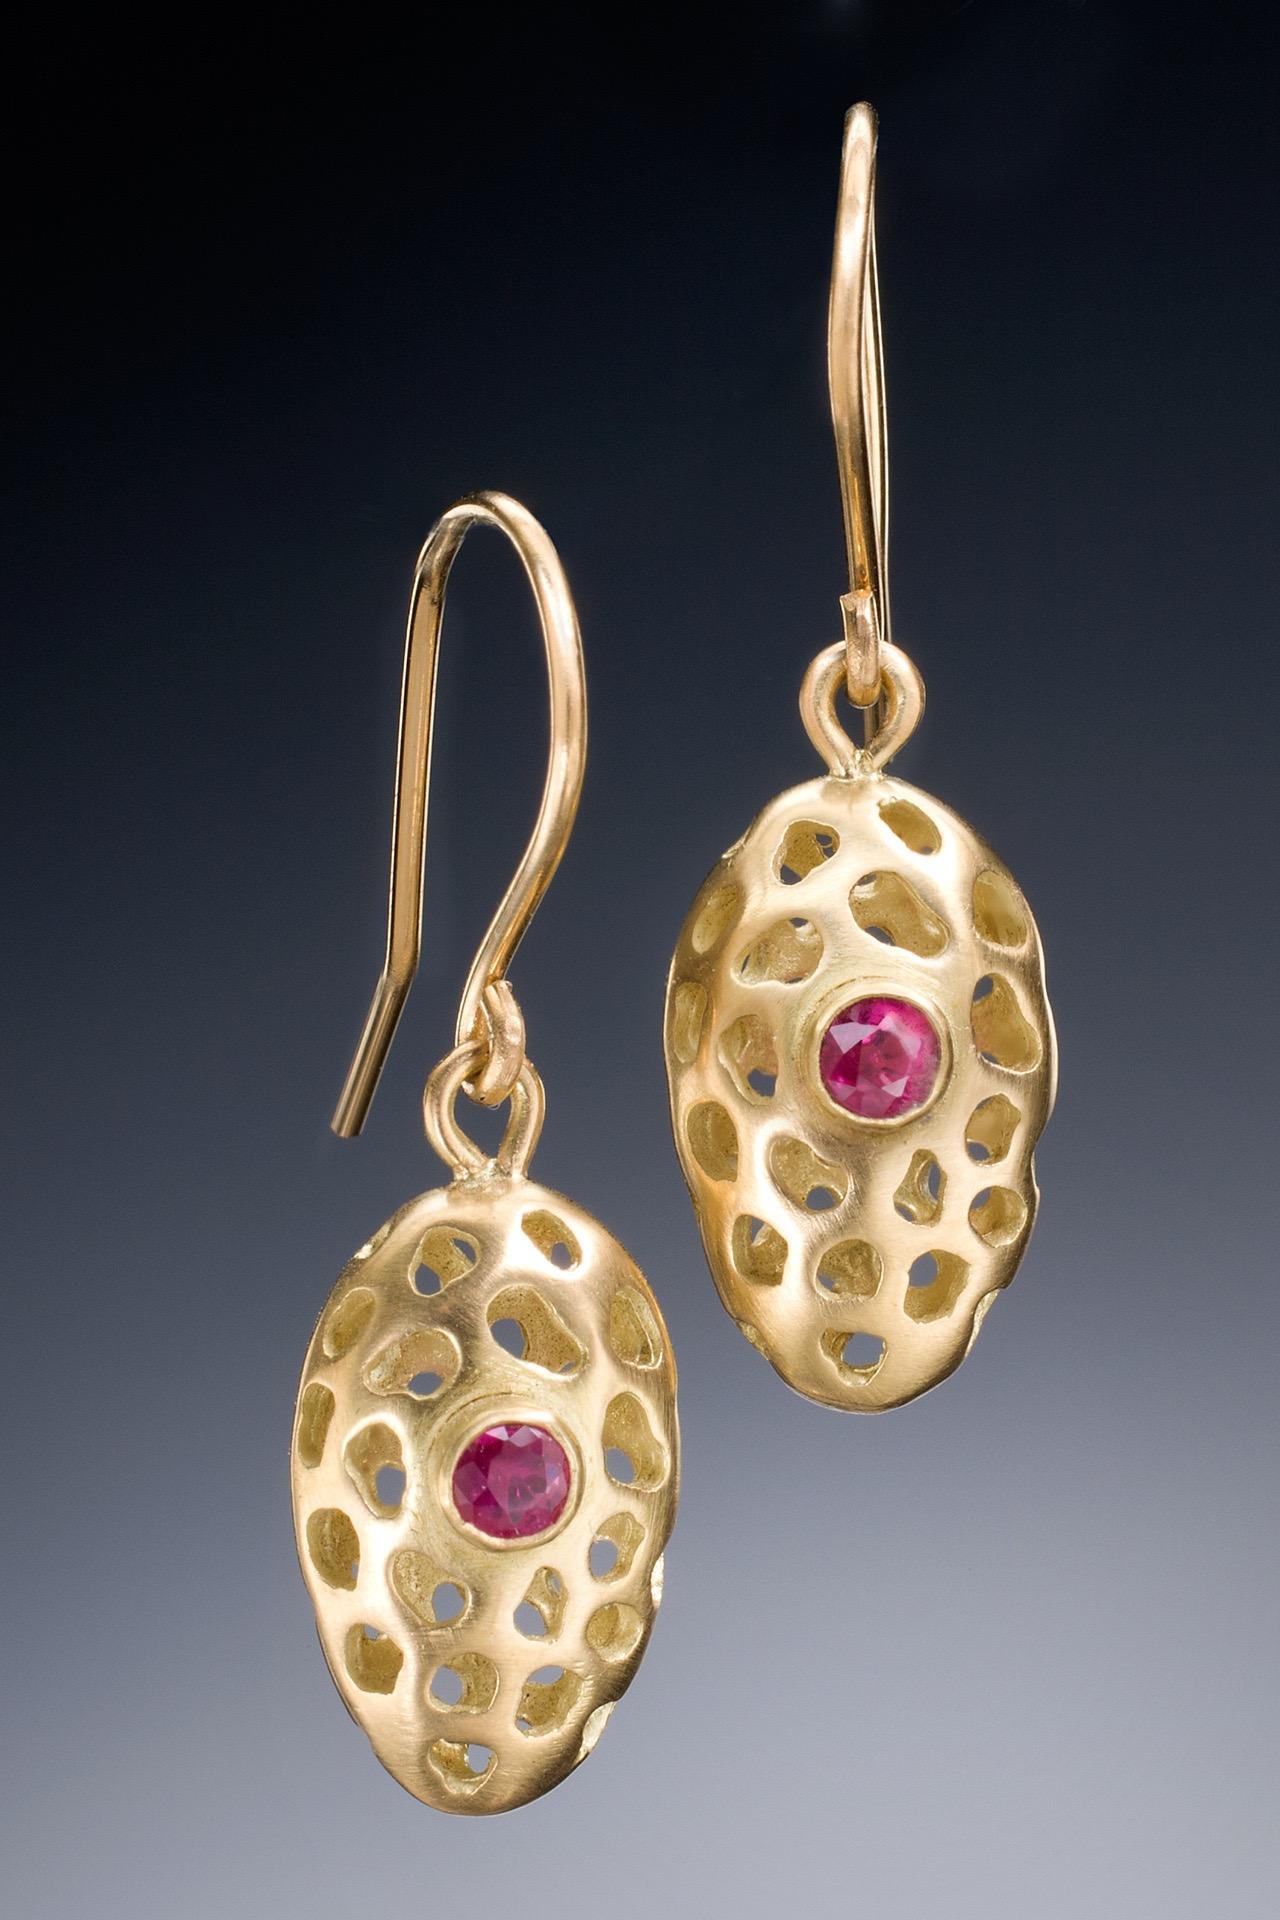 Golden Egg Earrings